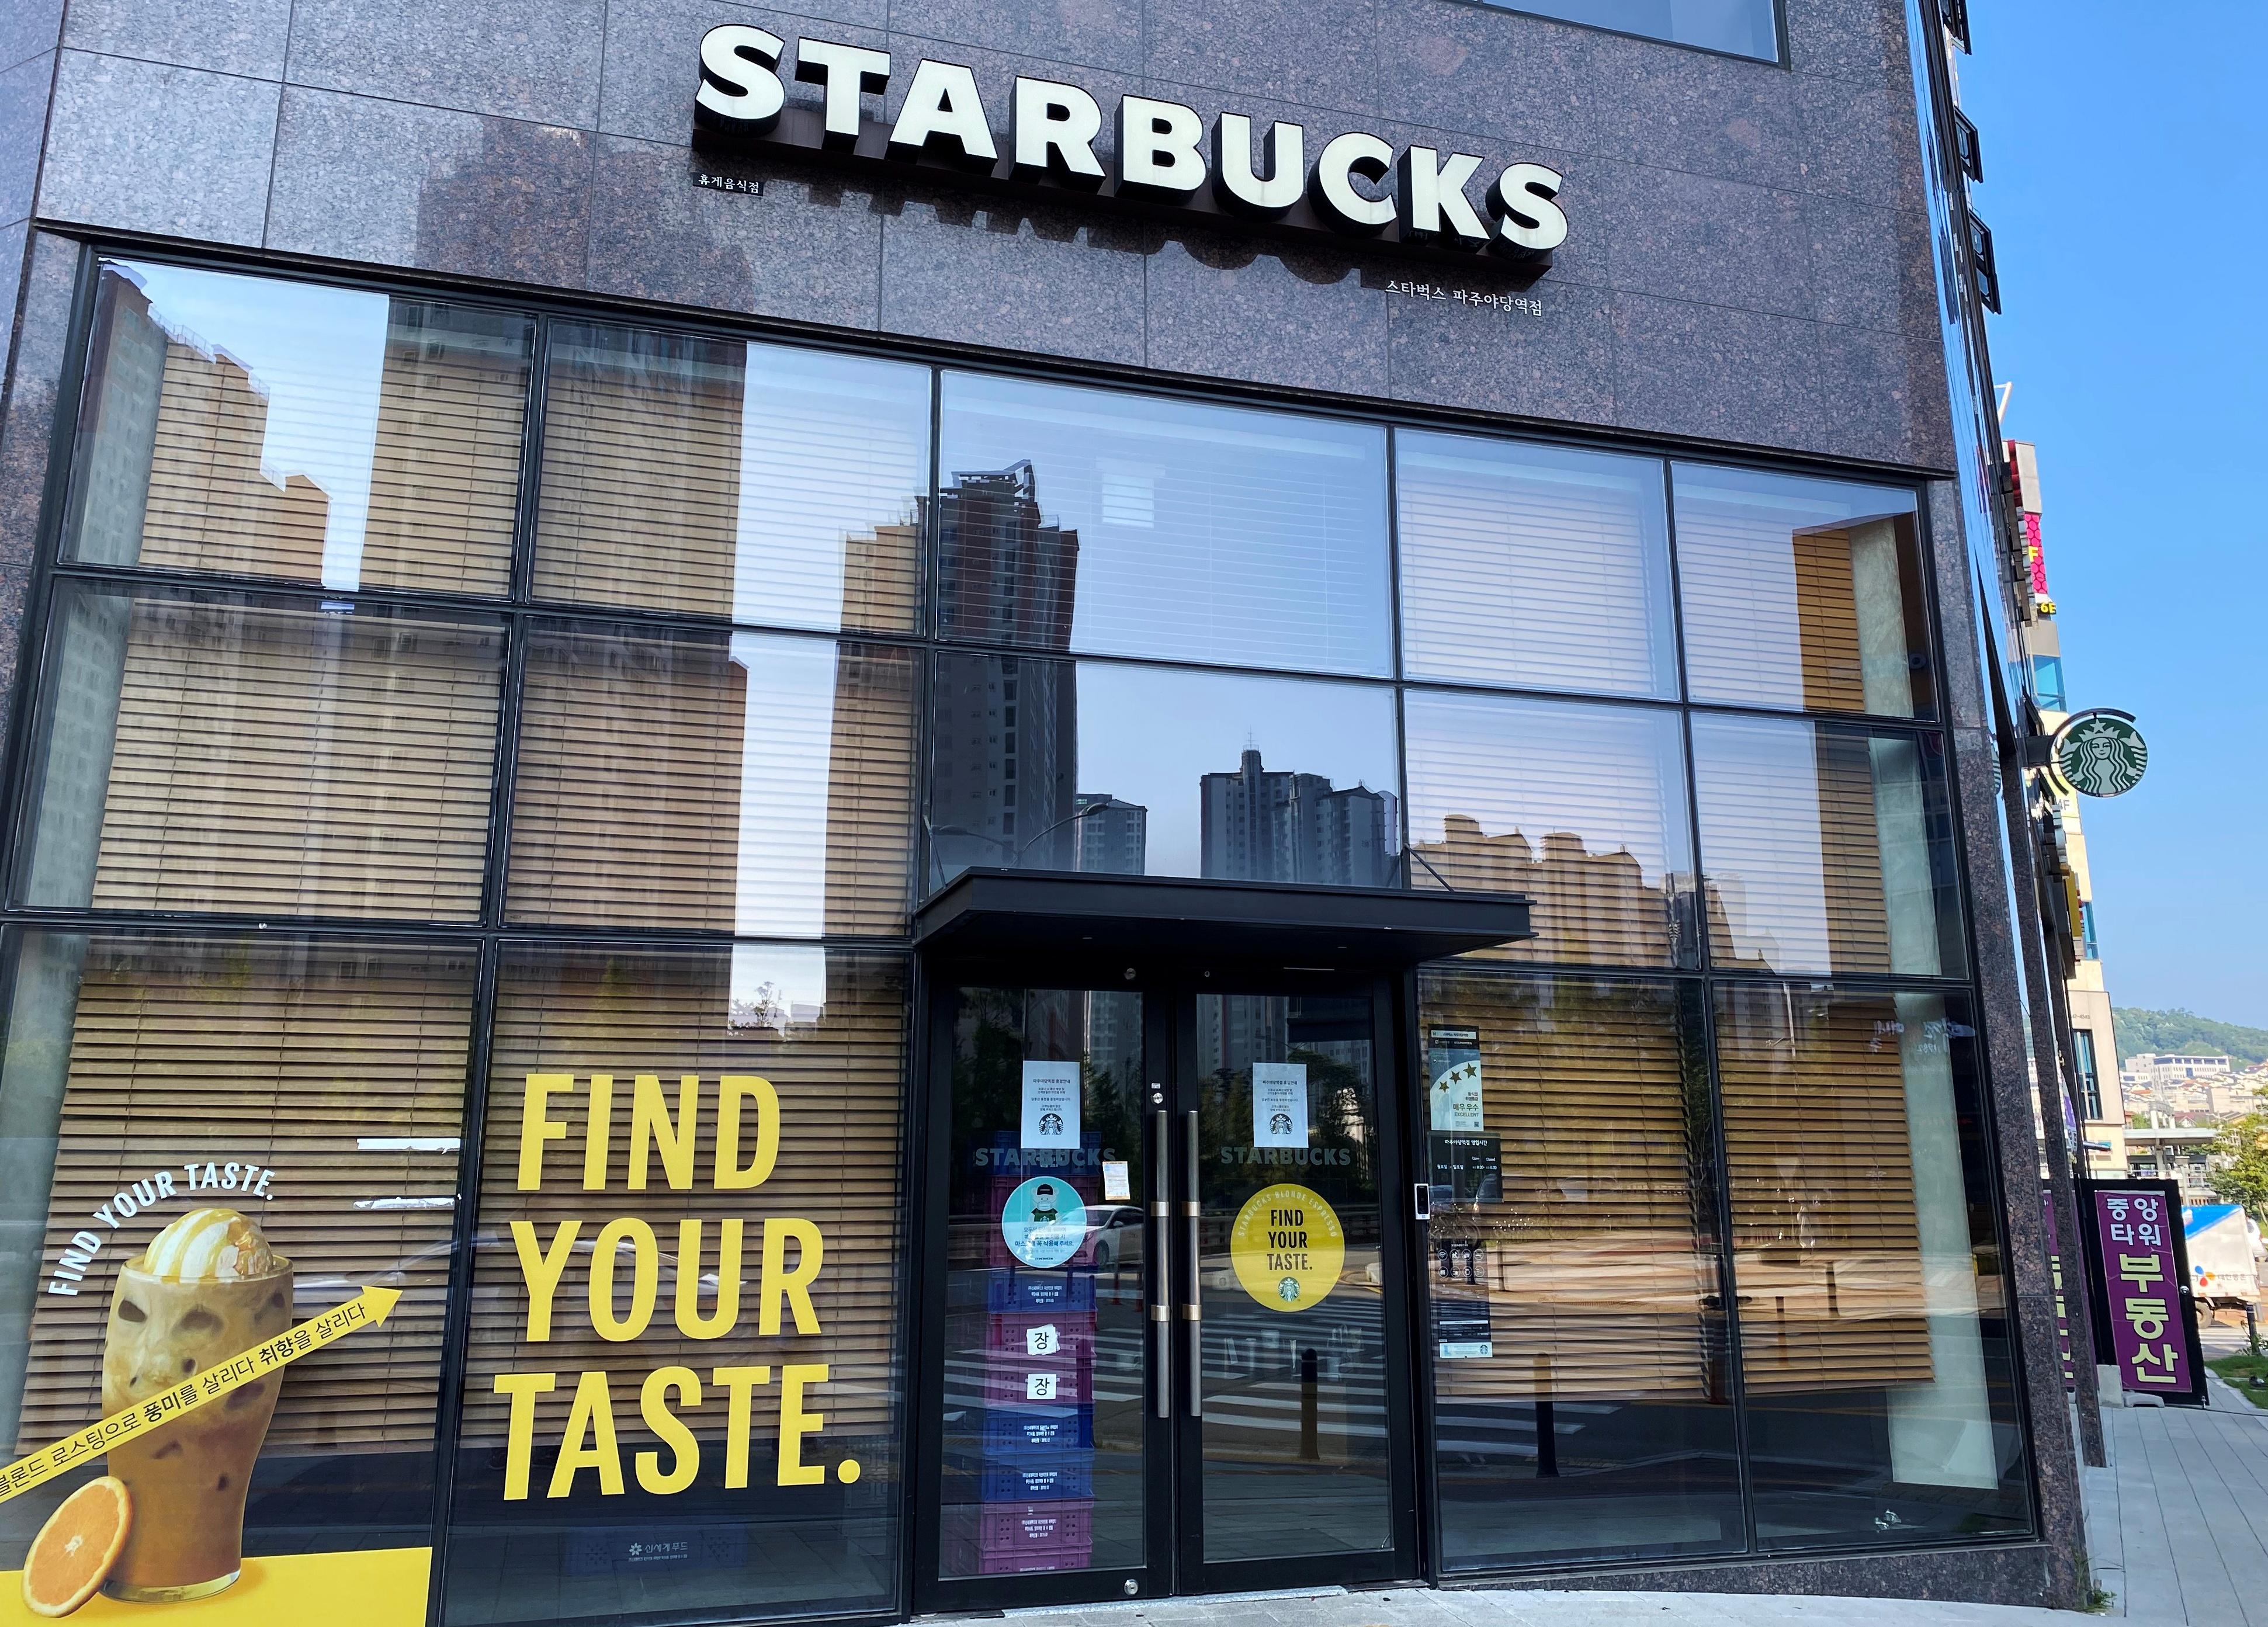 韩国人以嗜饮咖啡闻名,咖啡店成了防疫破口。图示出现感染群的坡州星巴克已暂时关闭。-路透社-